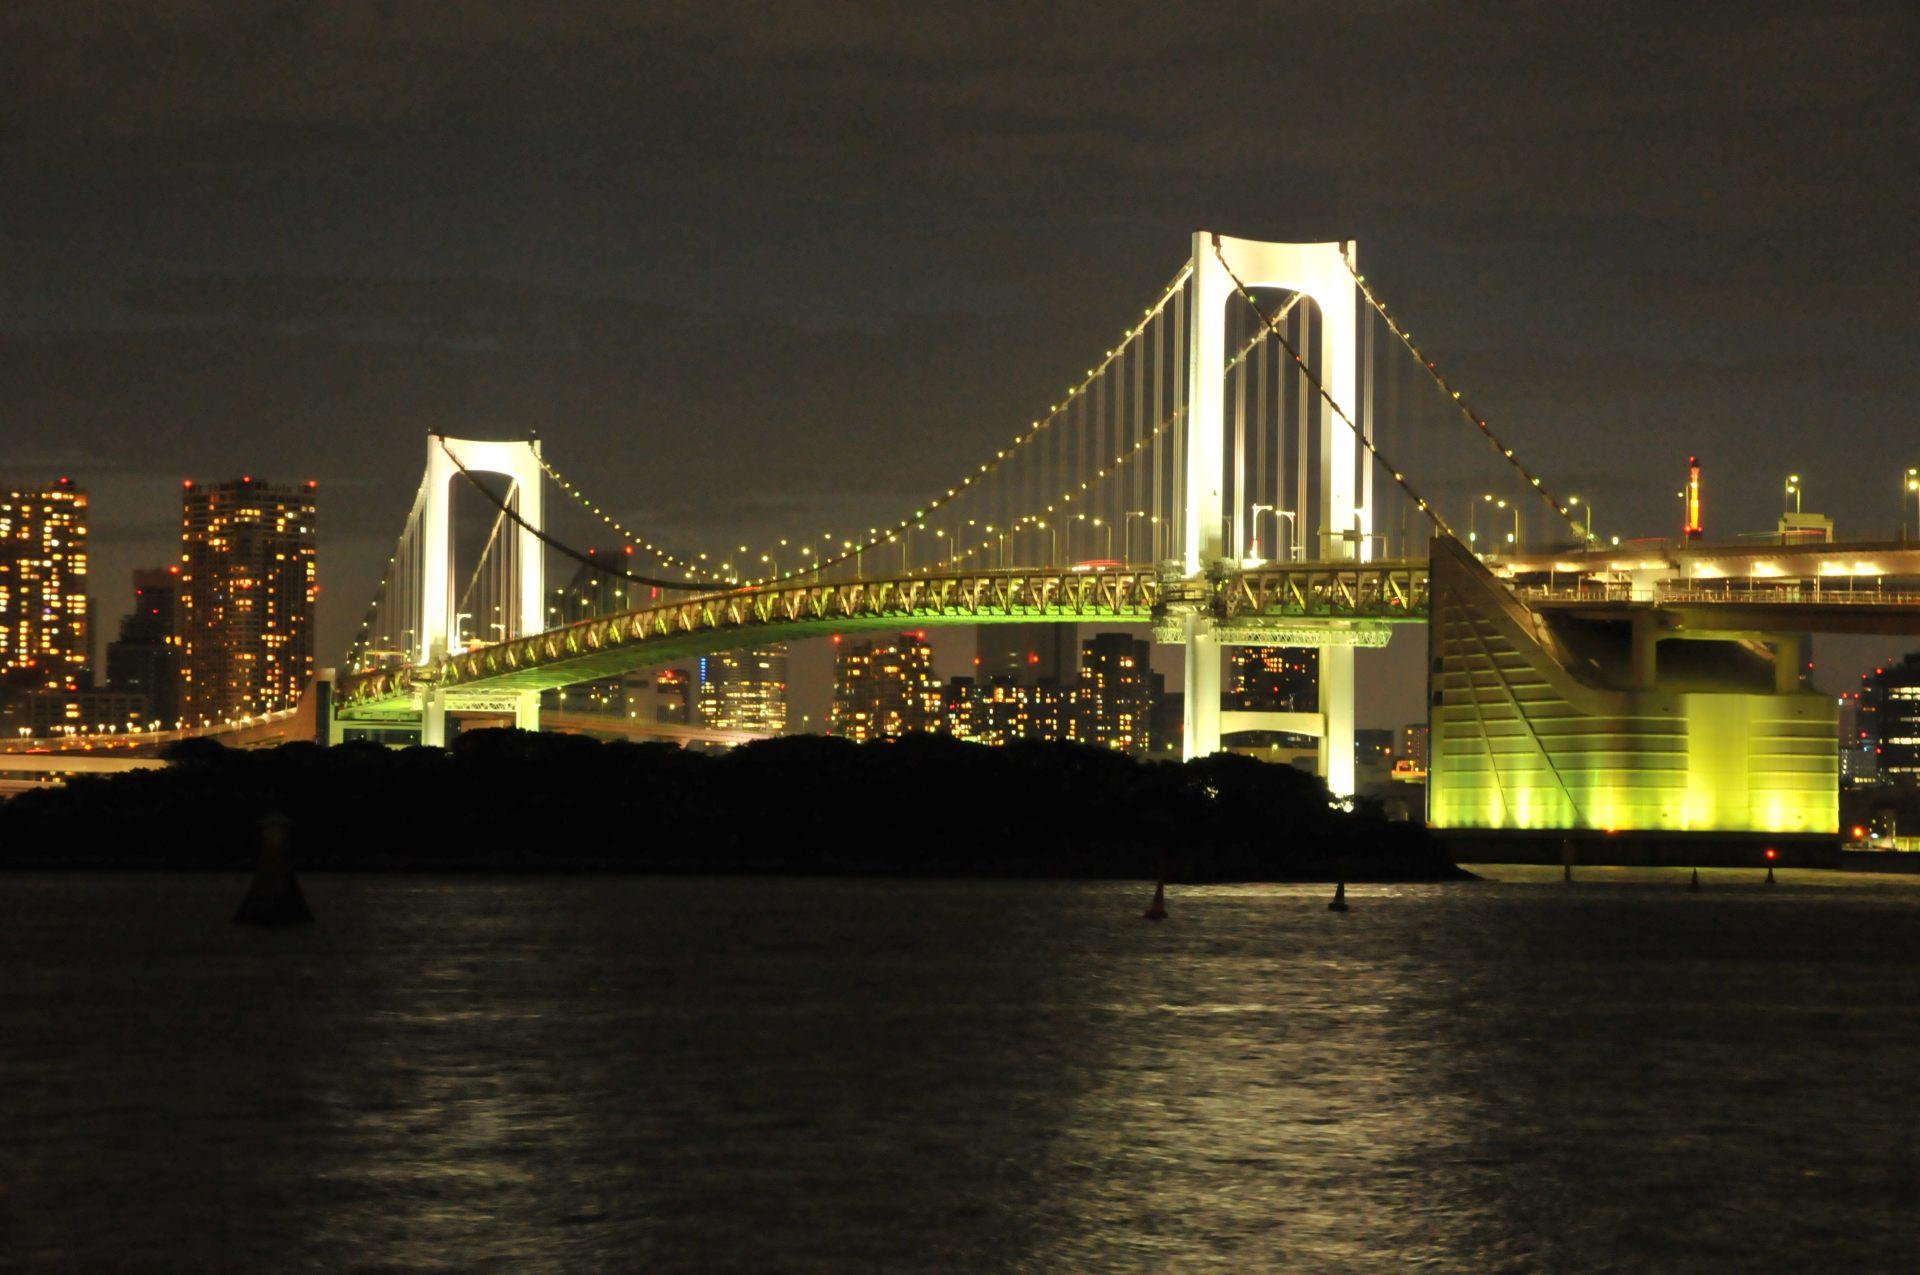 夜晚的彩虹大桥(照片由Ⓒ东京港埠头(株)提供)